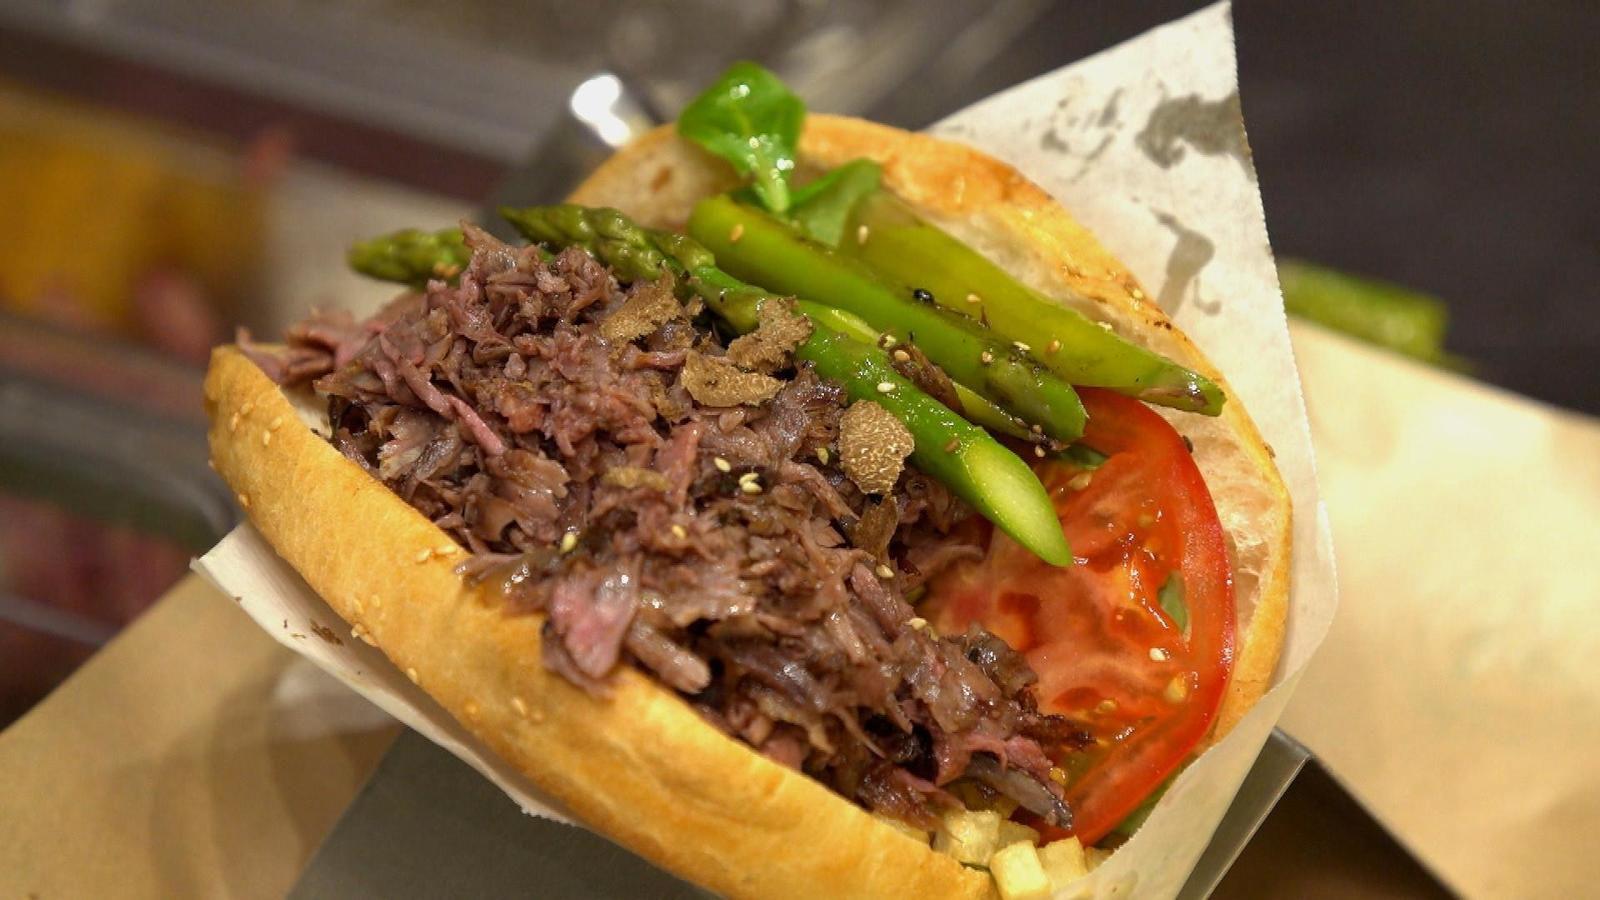 Focus sur le kebab le 15 mars sur France 5 (enquête inédite).